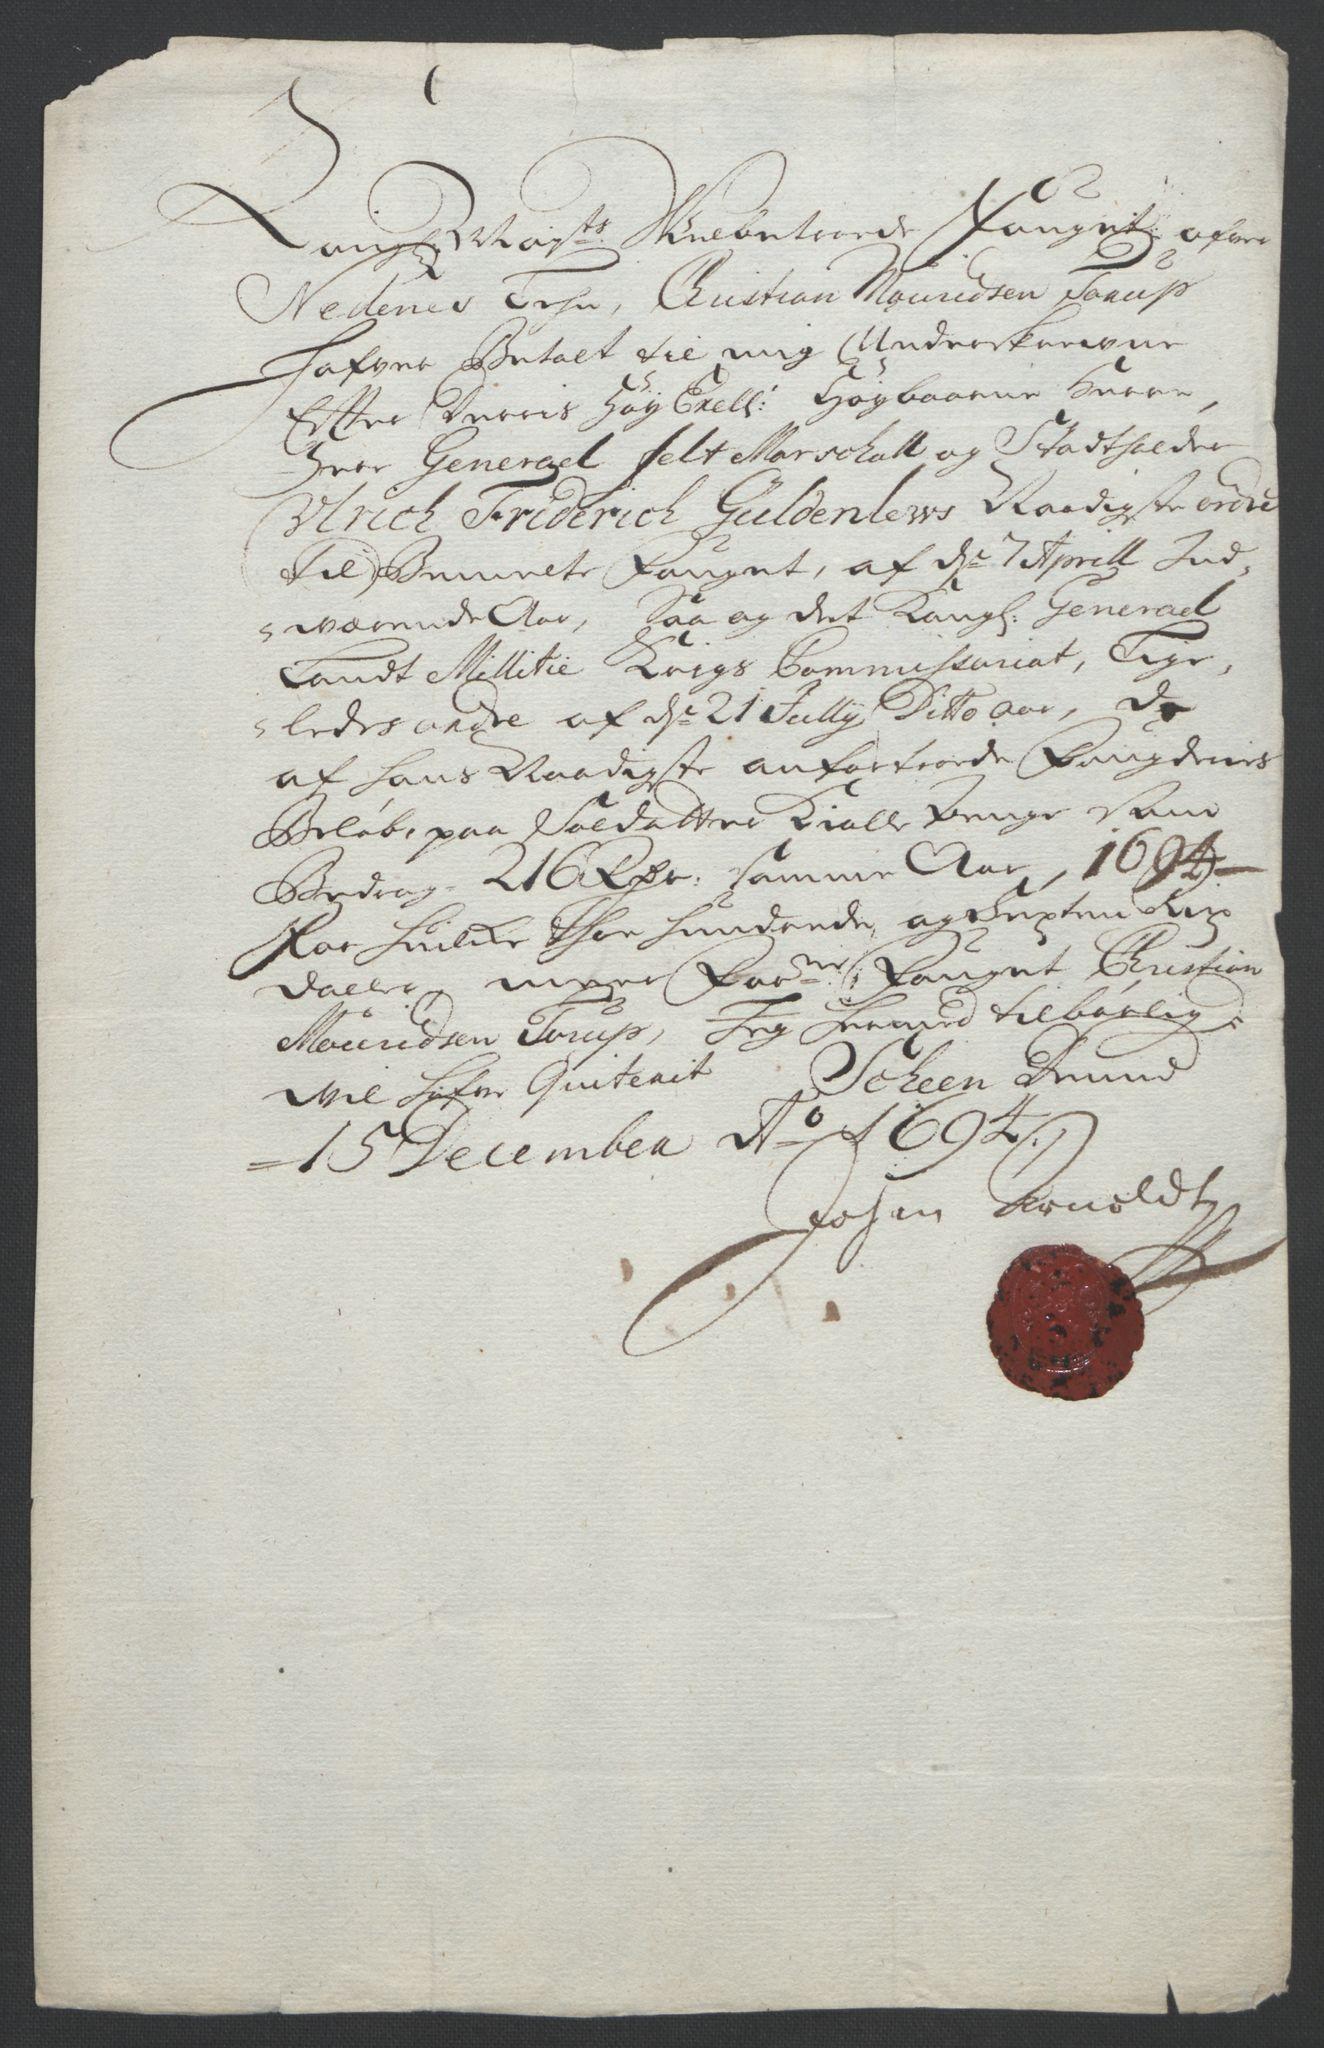 RA, Rentekammeret inntil 1814, Reviderte regnskaper, Fogderegnskap, R39/L2312: Fogderegnskap Nedenes, 1693-1695, s. 218